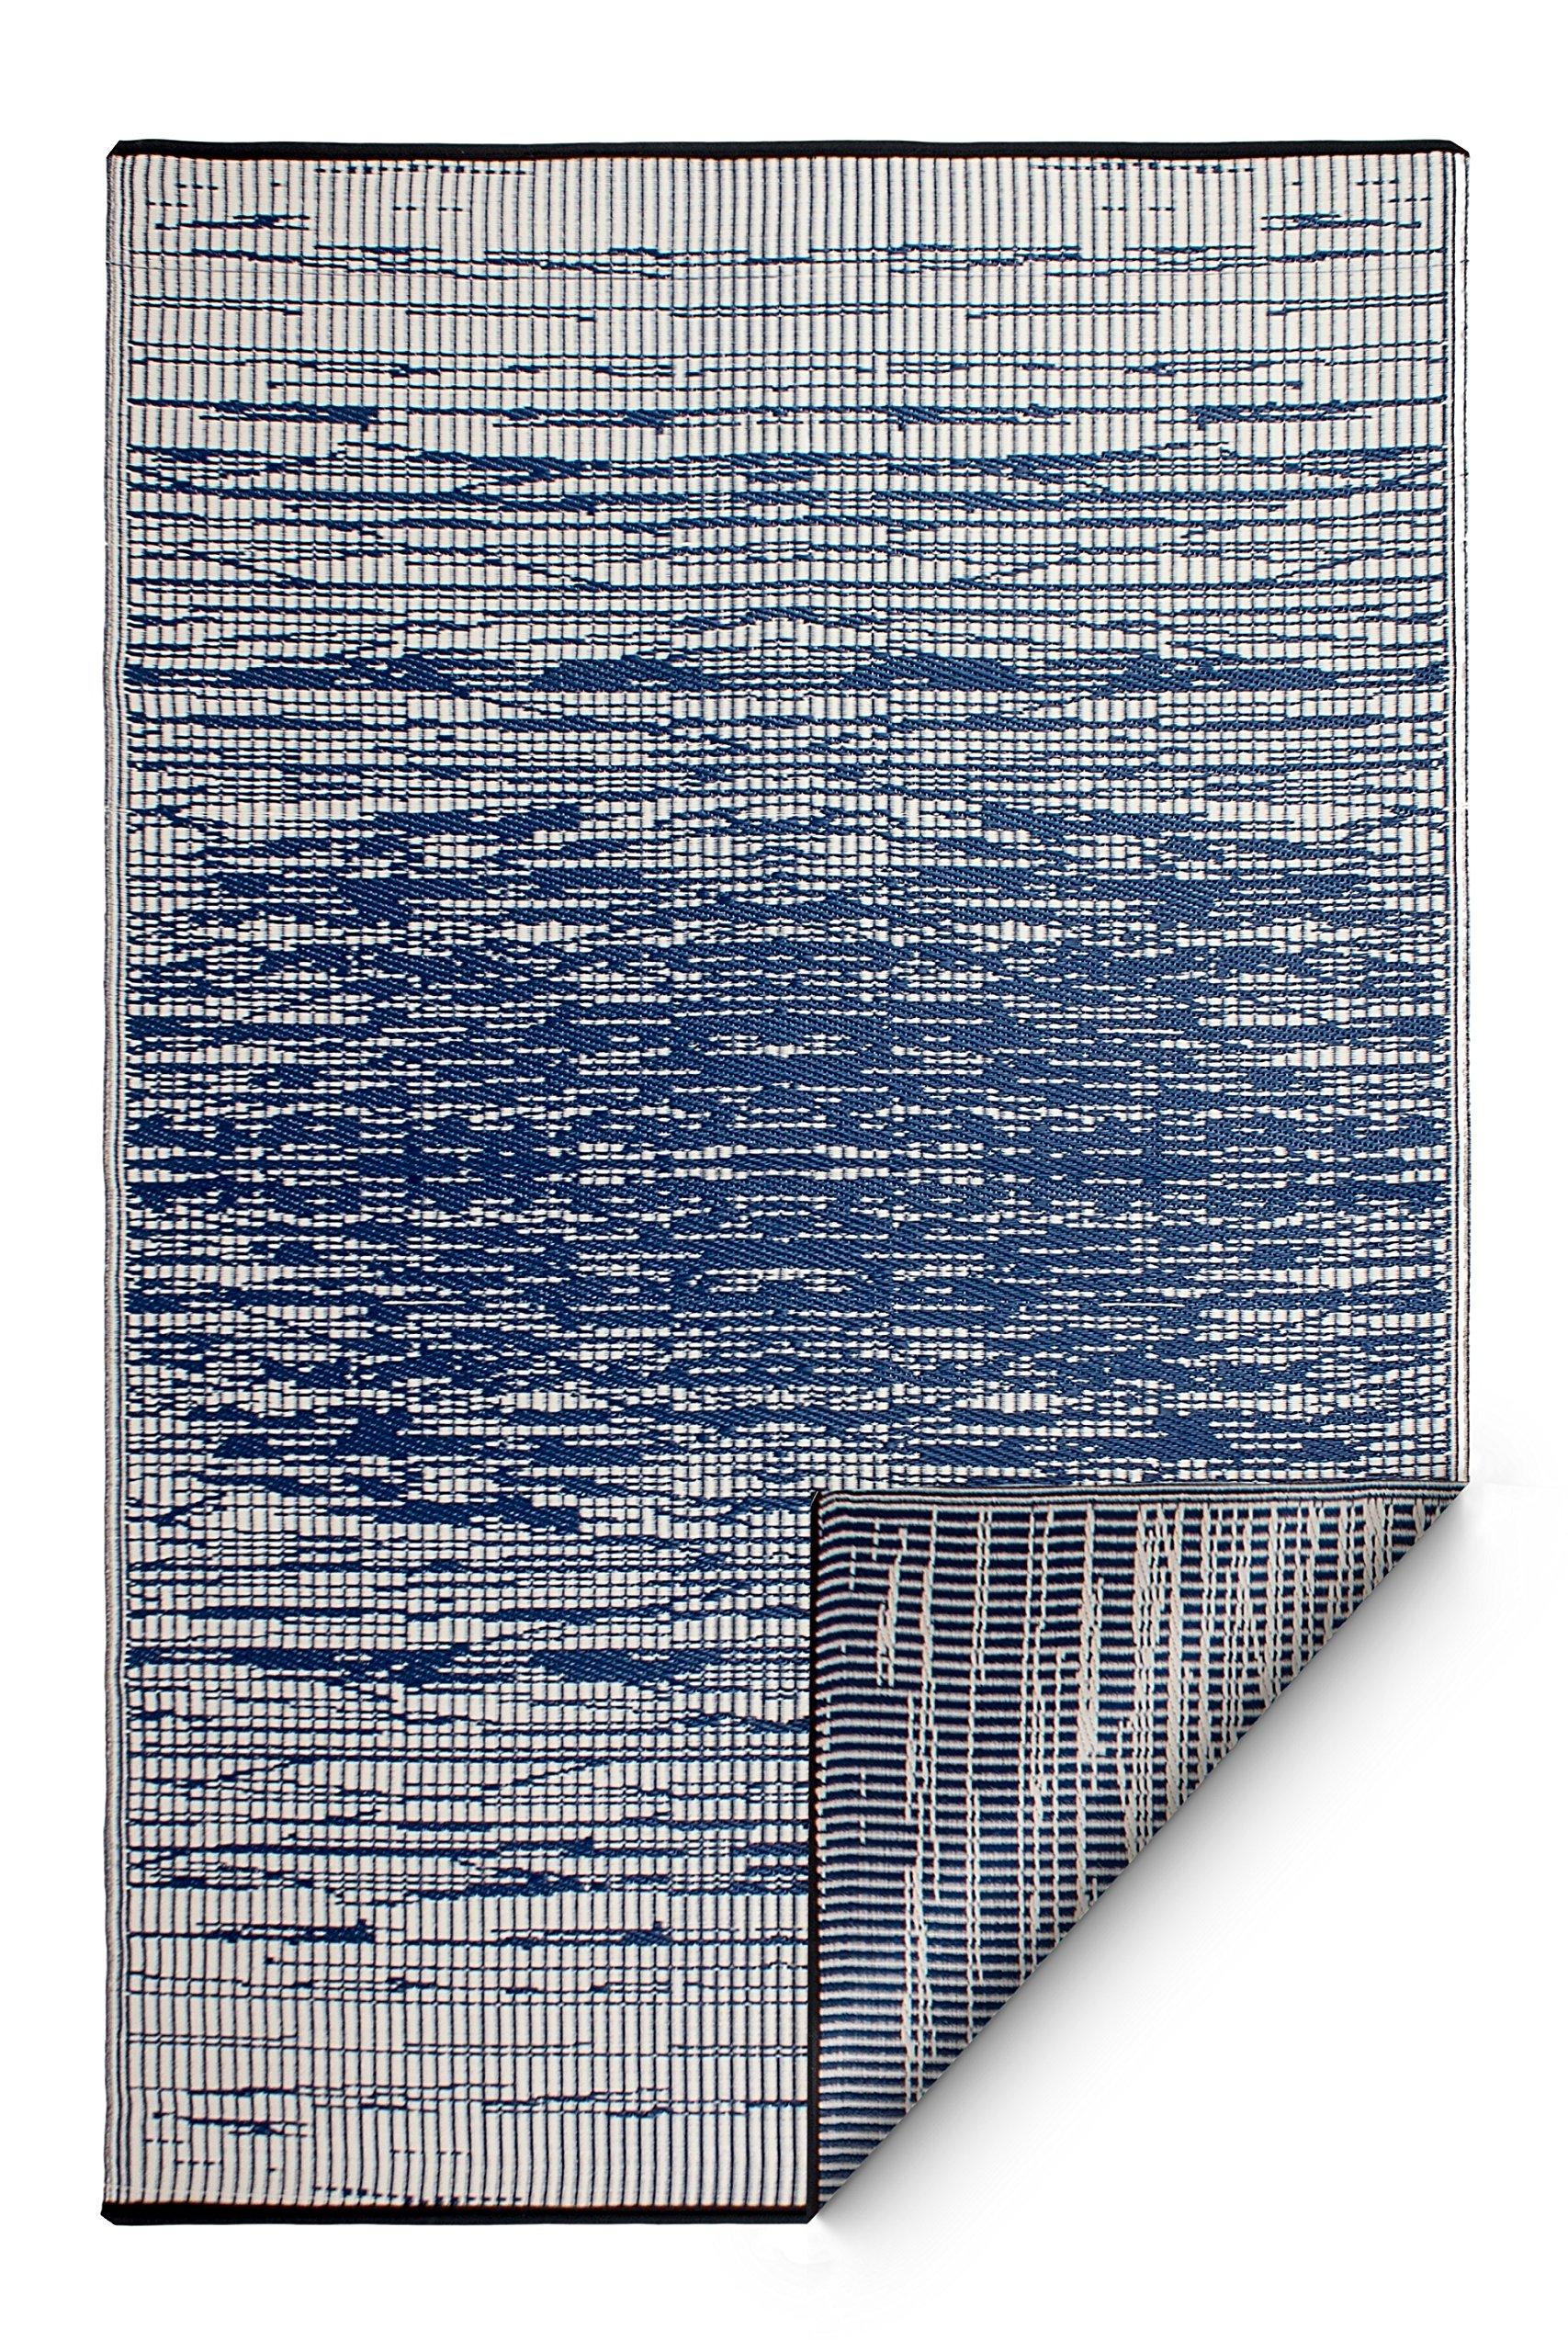 Fab Habitat Reversible, Indoor/Outdoor Weather Resistant Floor Mat/Rug - Brooklyn (8' x 10', Blue)